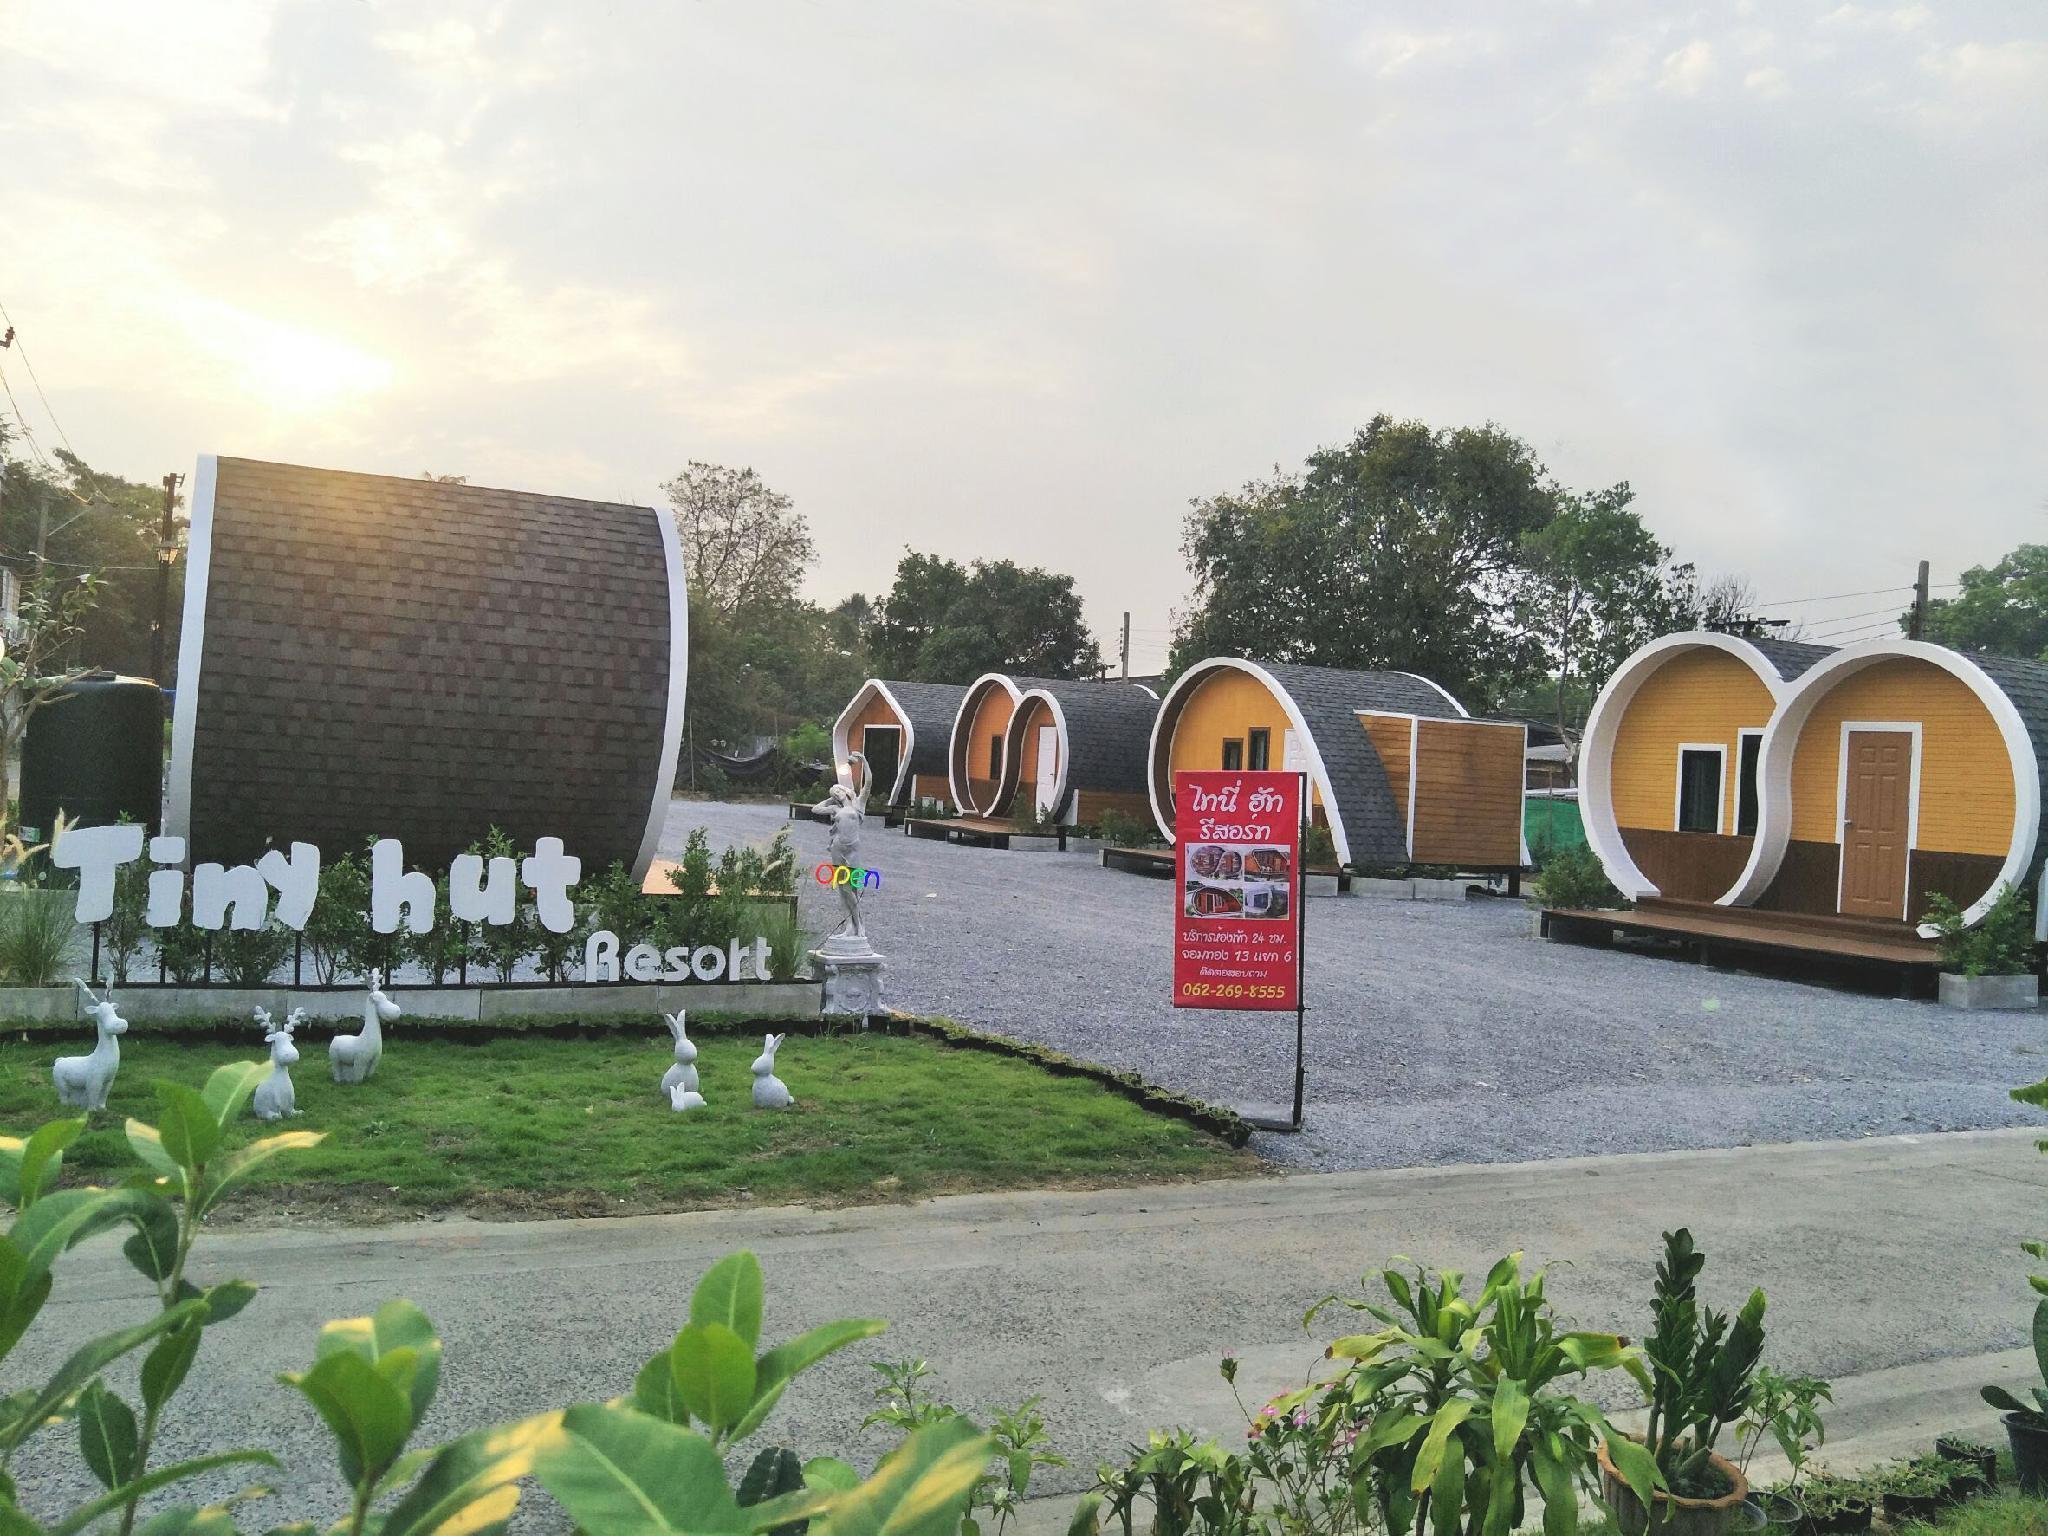 Tiny hut resort by wi สตูดิโอ วิลลา 1 ห้องน้ำส่วนตัว ขนาด 35 ตร.ม. – ธนบุรีตอนใต้